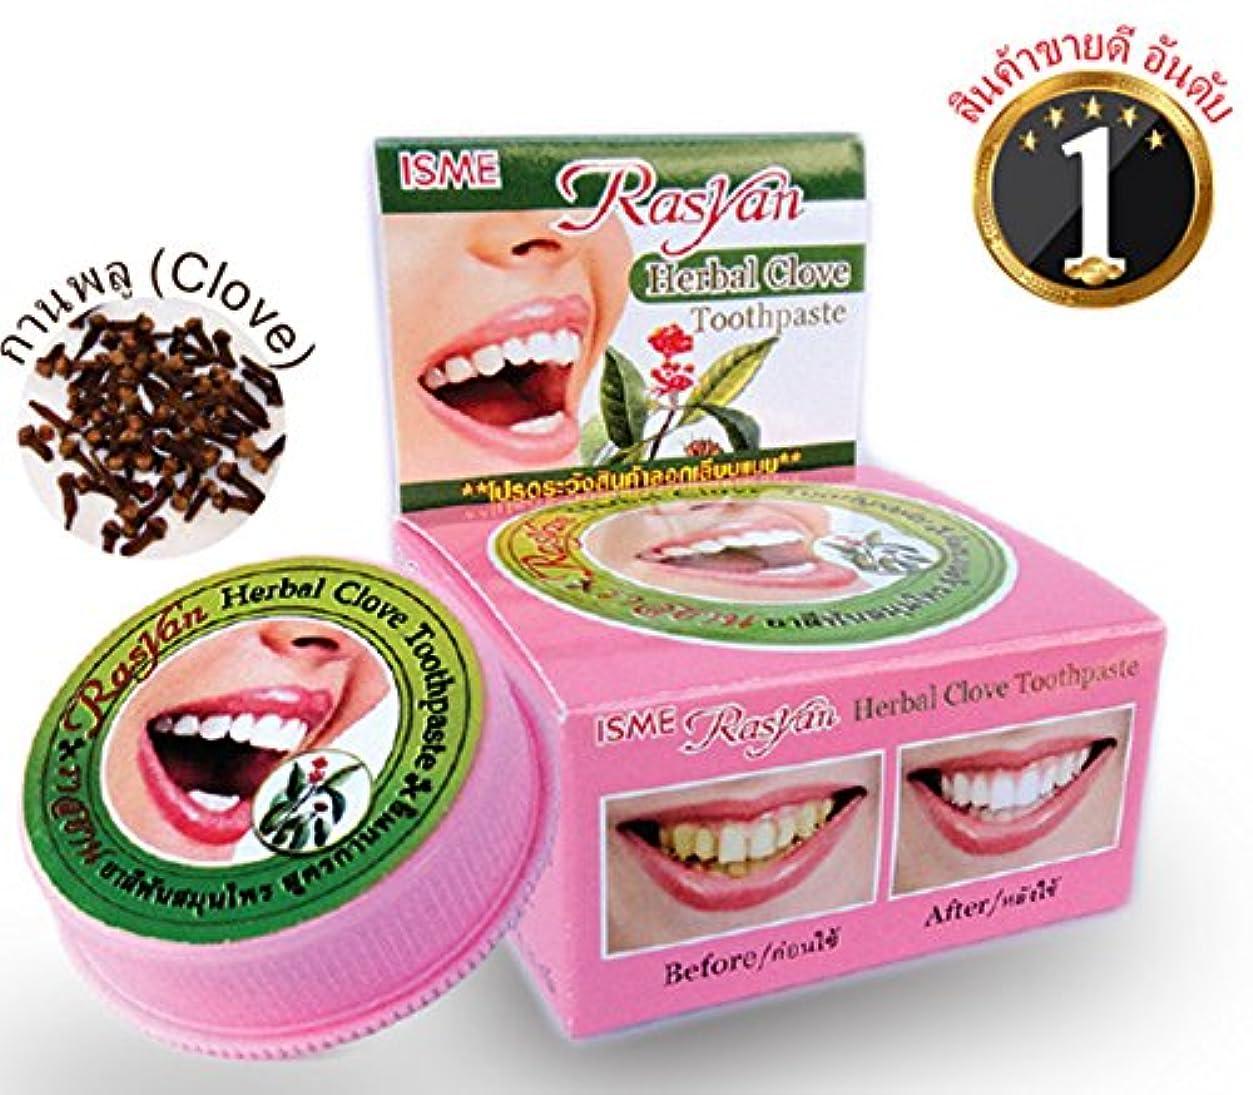 虐殺癒す限界練り歯磨き ハーブ Thai Herbal Rasyan Herbal Clove Toothpaste (5 Gram Size) 2 Pcs.